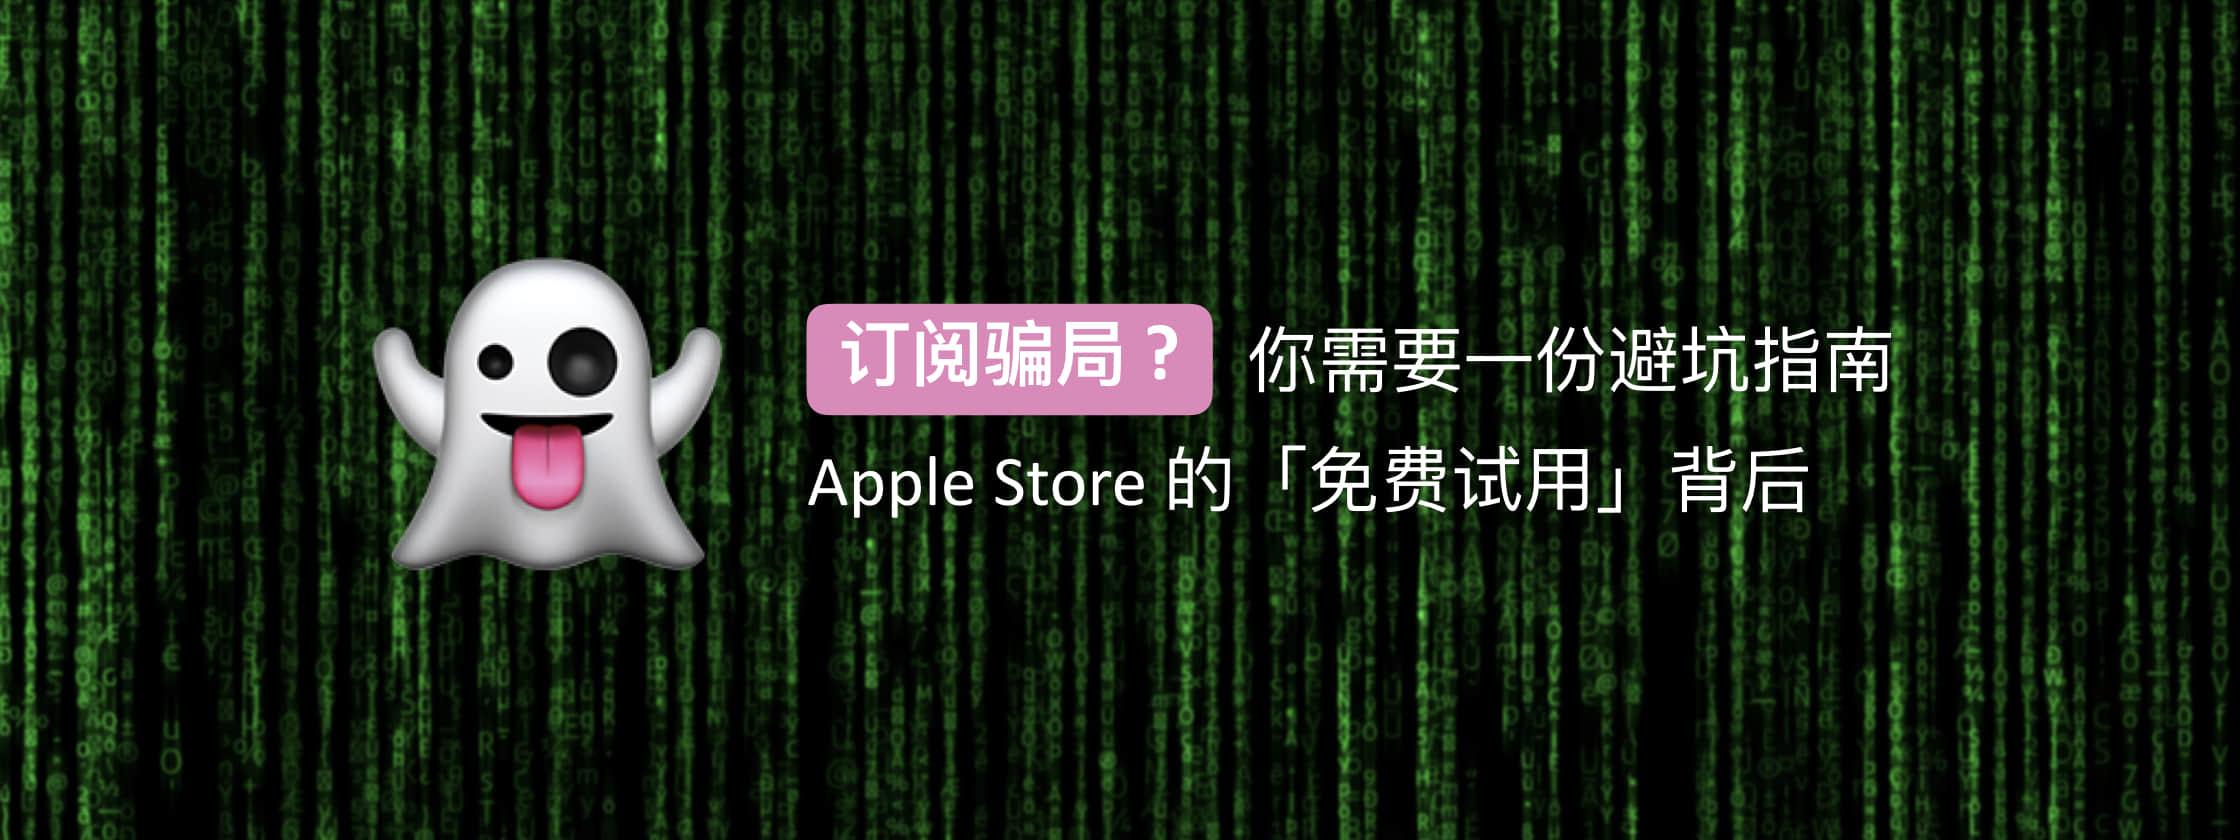 订阅骗局?Apple Store 的「免费试用」背后,你需要一份避坑指南